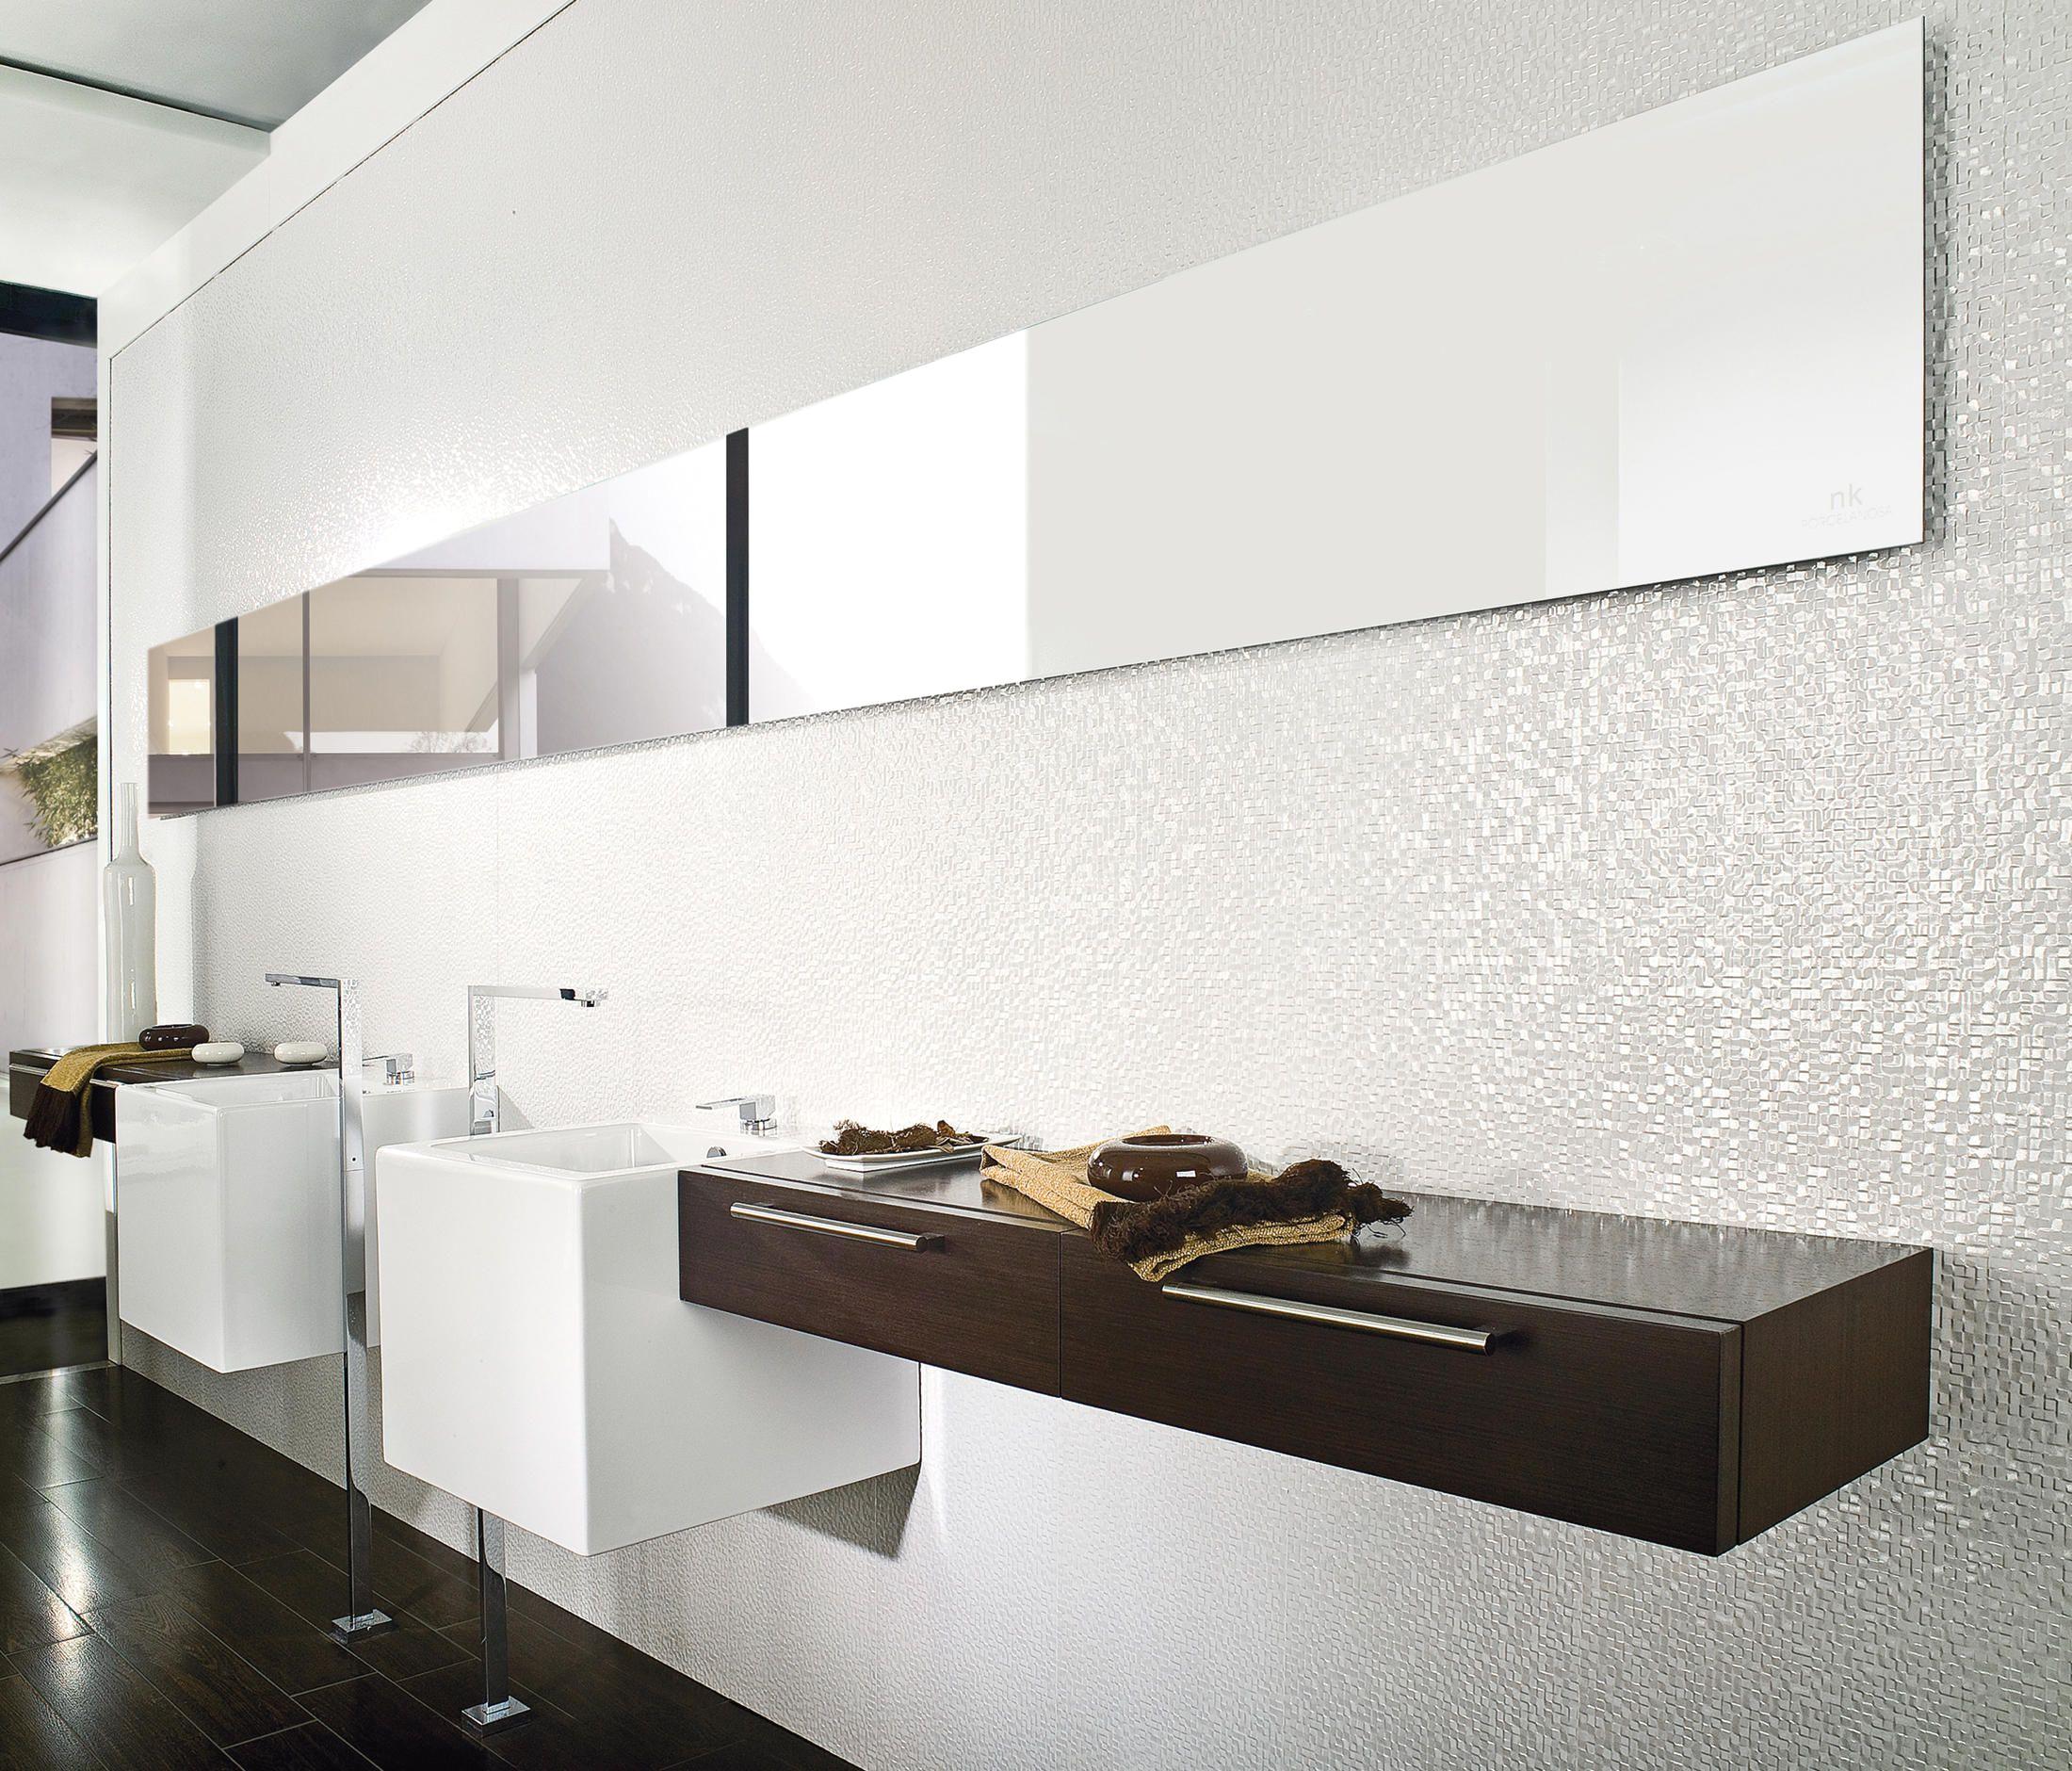 Meuble Salle De Bain Porcelanosa Luxe Photographie Meuble Salle De Bain Porcelanosa Inspirant Résultat Supérieur 50